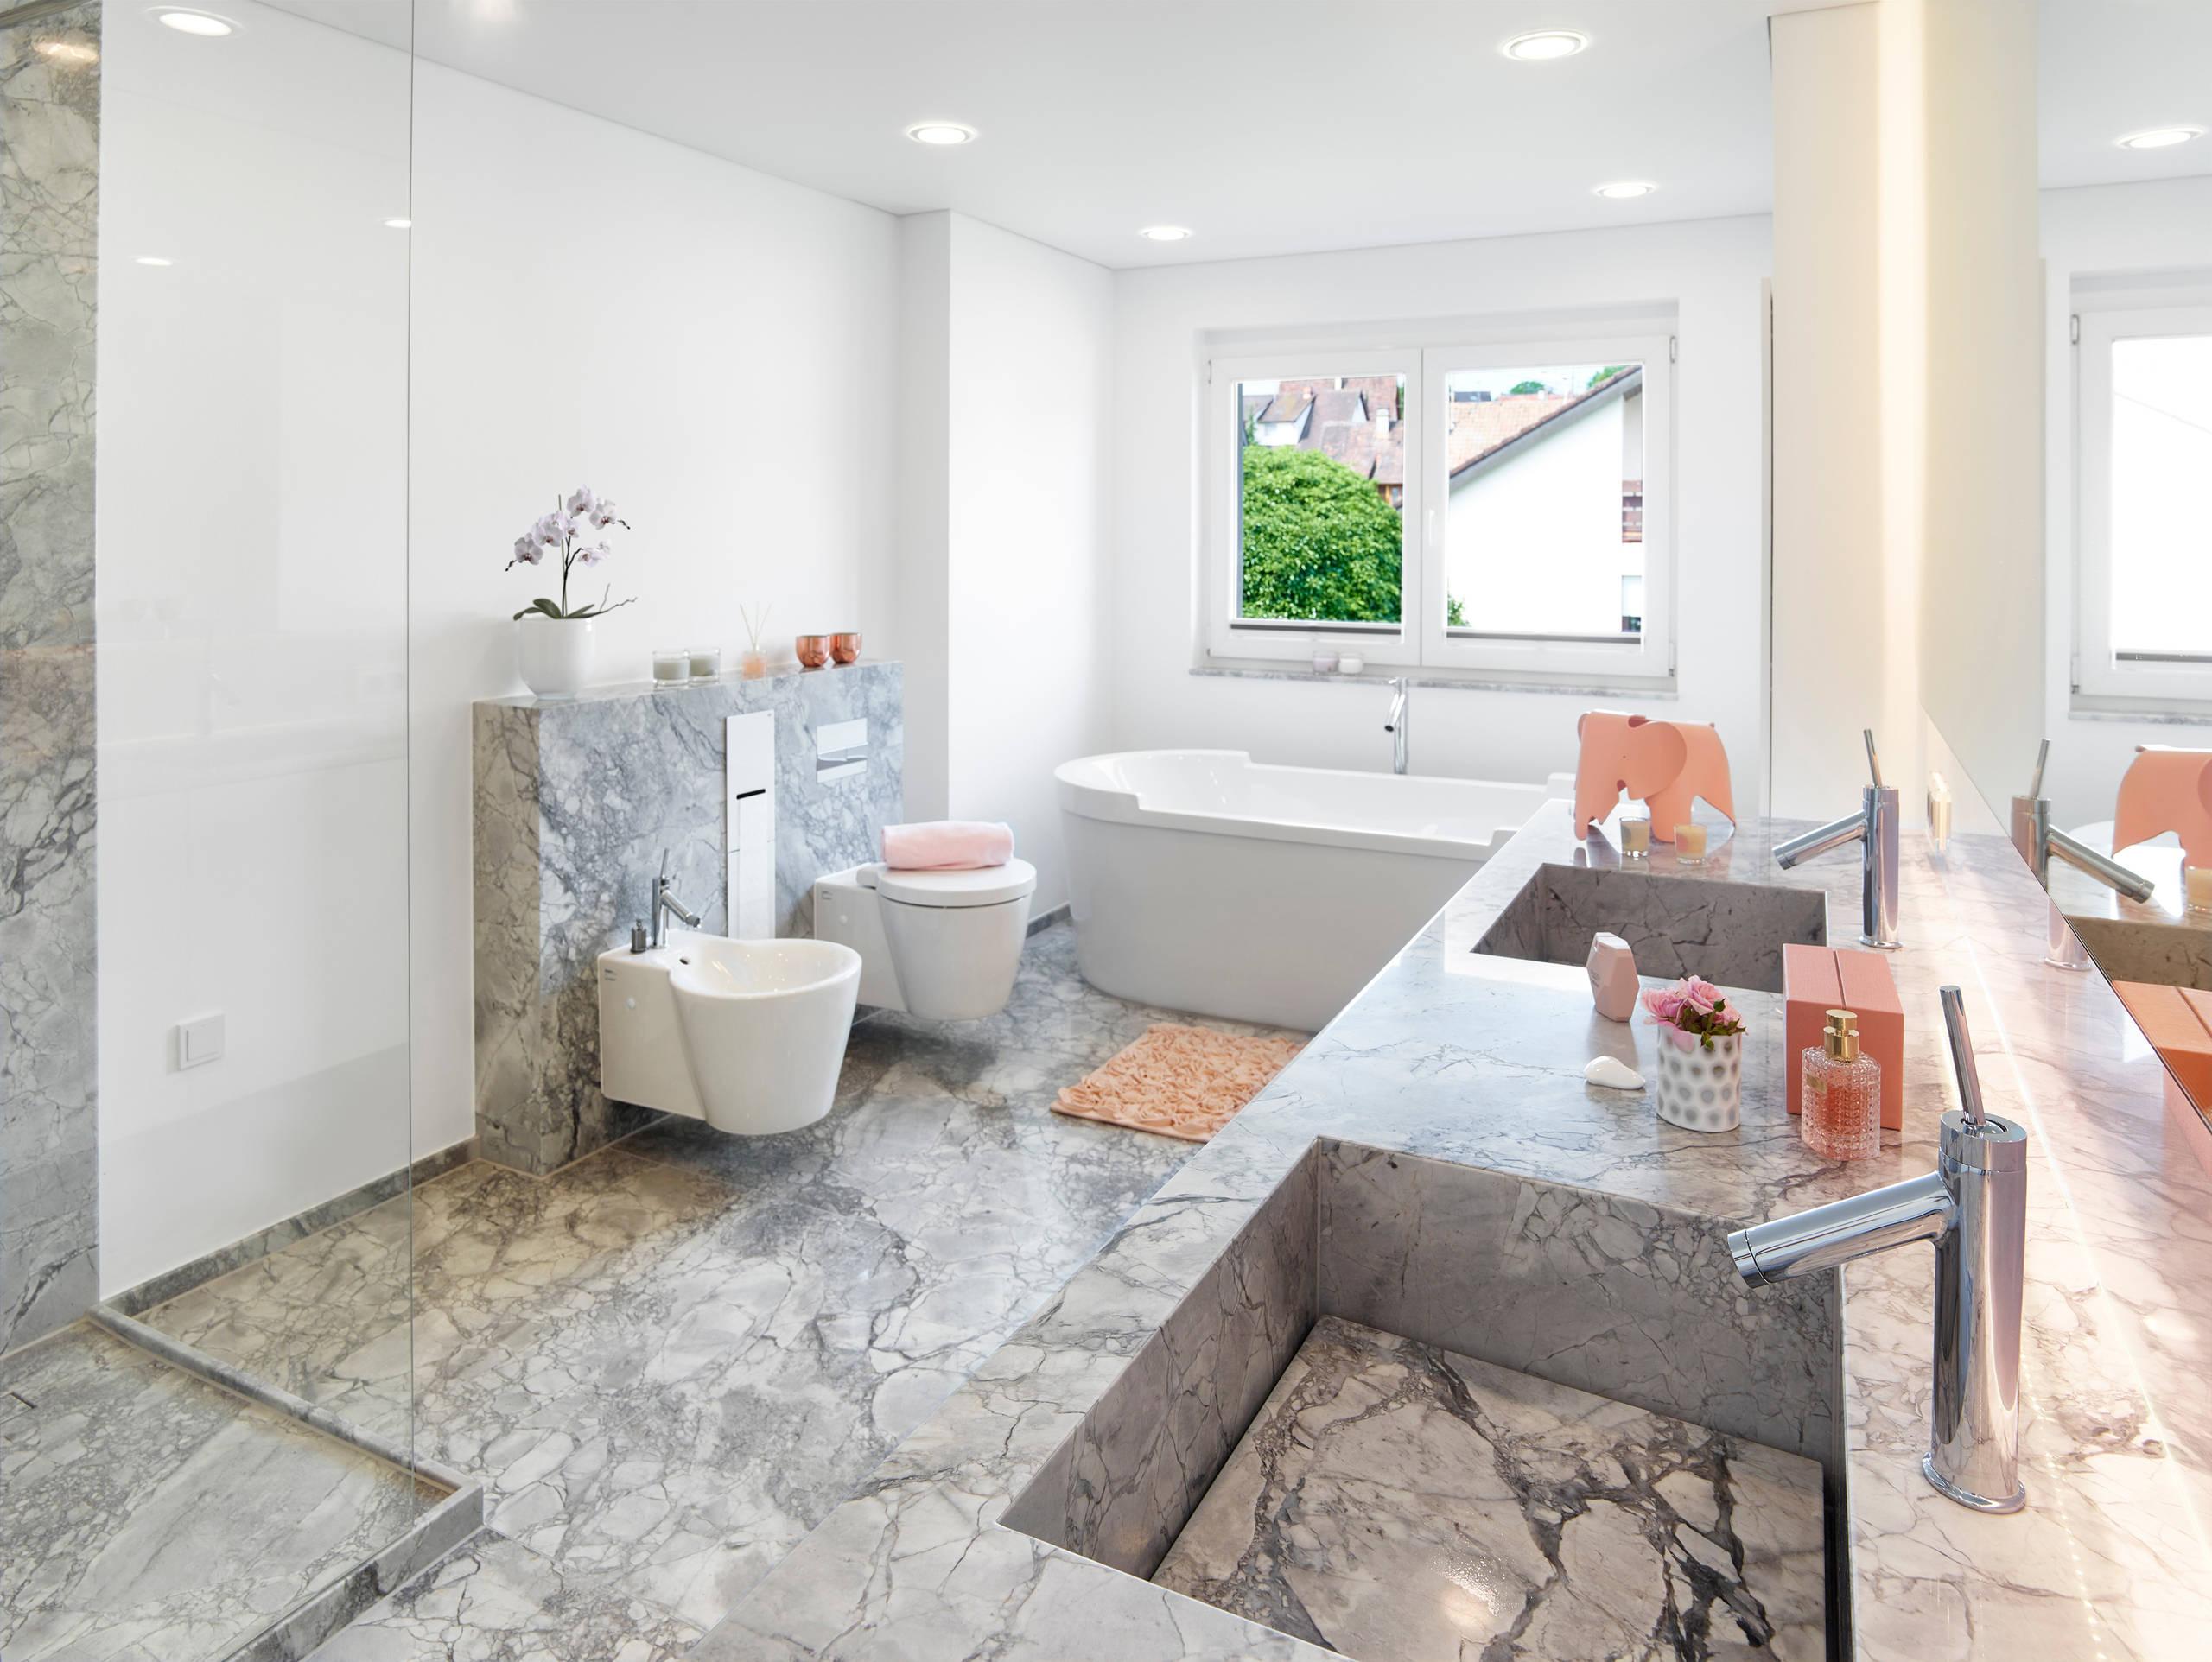 Planungshilfe Bad 20 Tipps, passende Sanitärobjekte zu finden